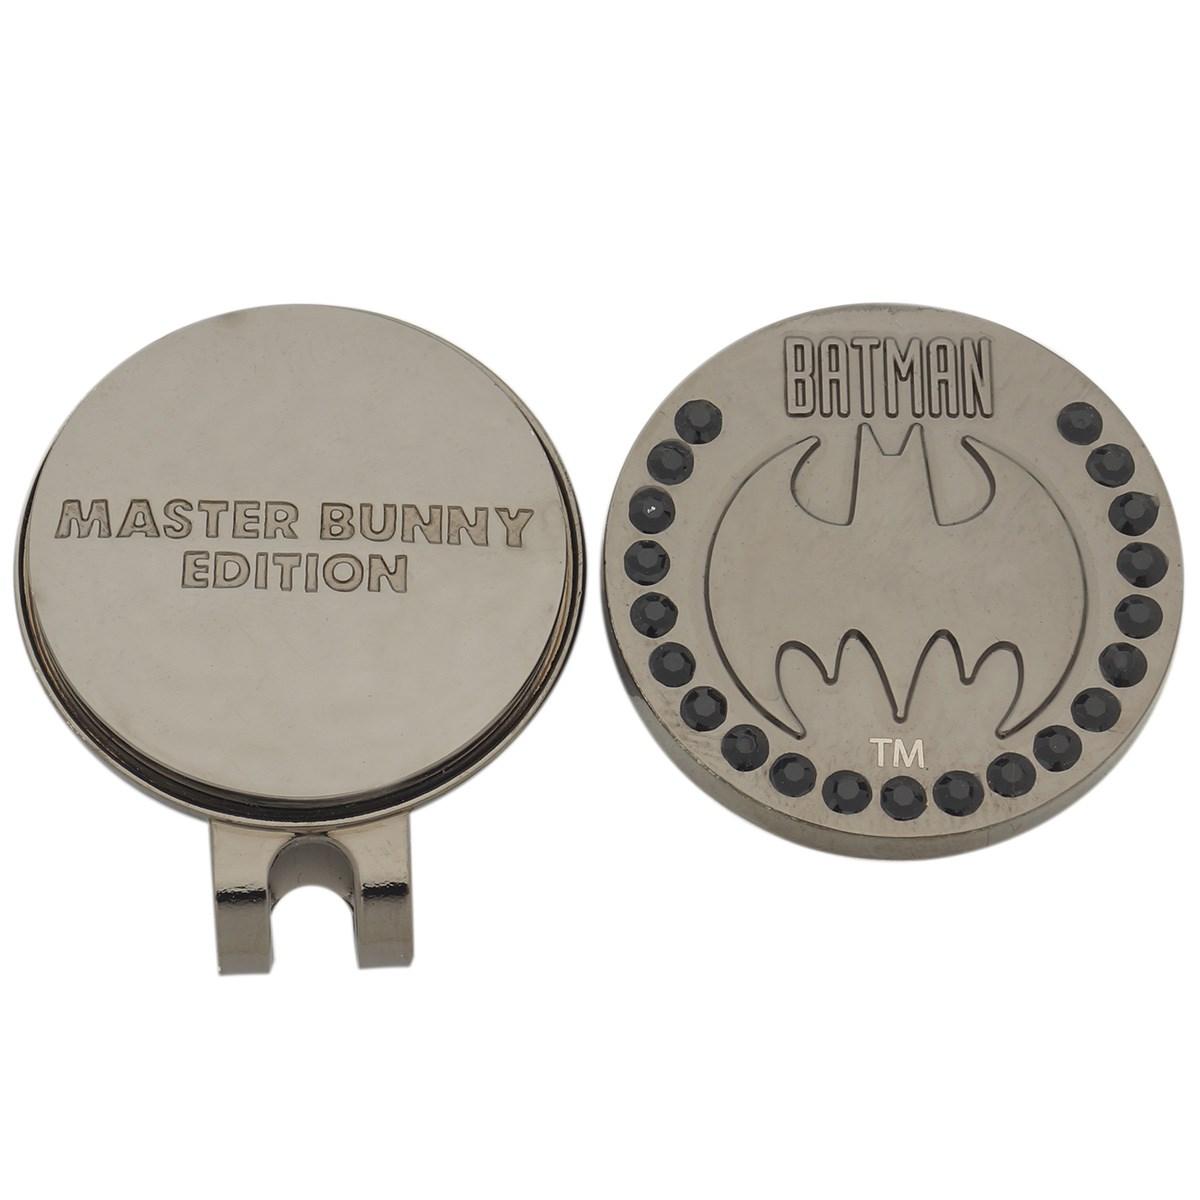 マスターバニーエディション BATMAN 3Dロゴマーカー